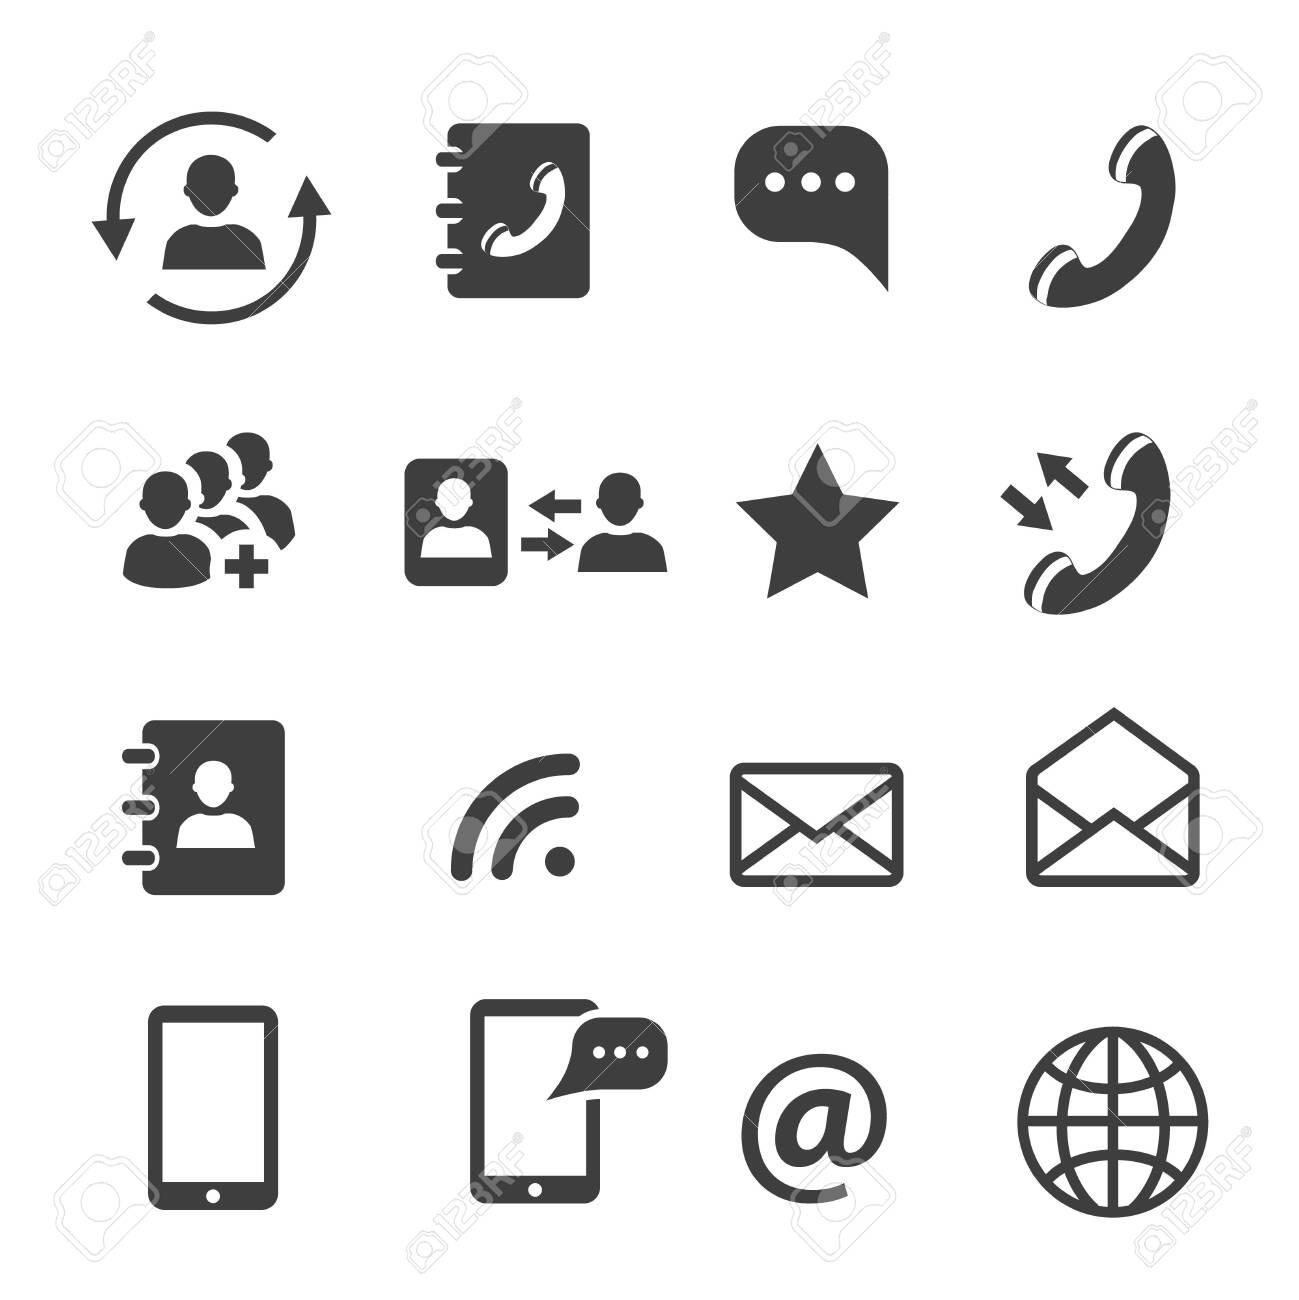 Media and web communication icons set - 131718385